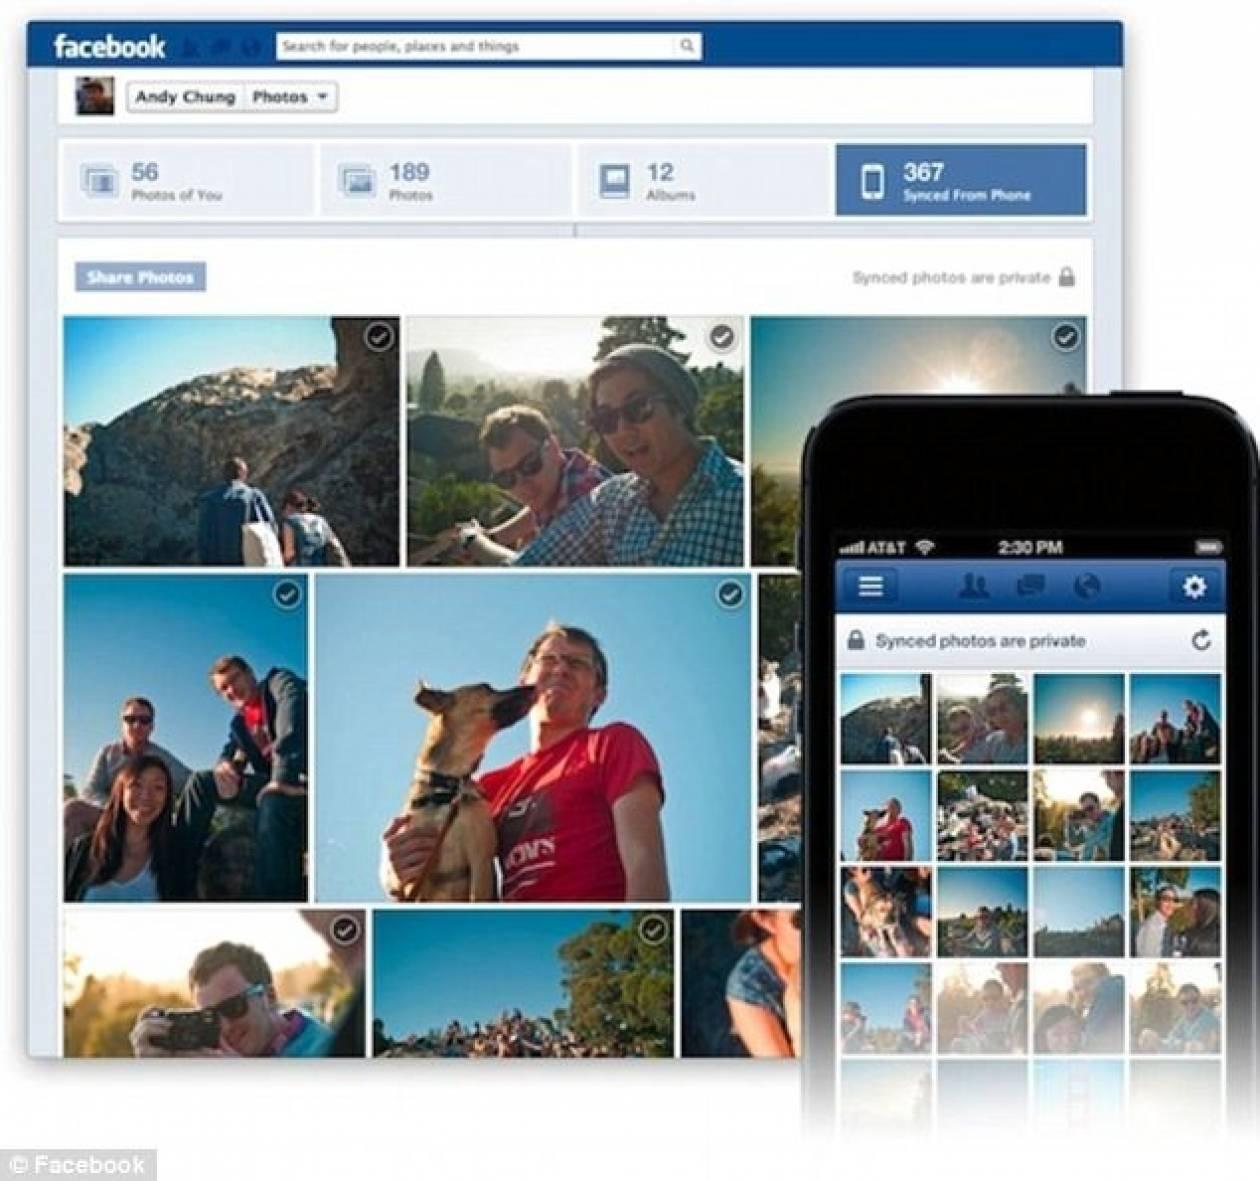 Σάλος: Το Facebook βρήκε νέο τρόπο για να κλέβει τις φωτογραφίες μας;